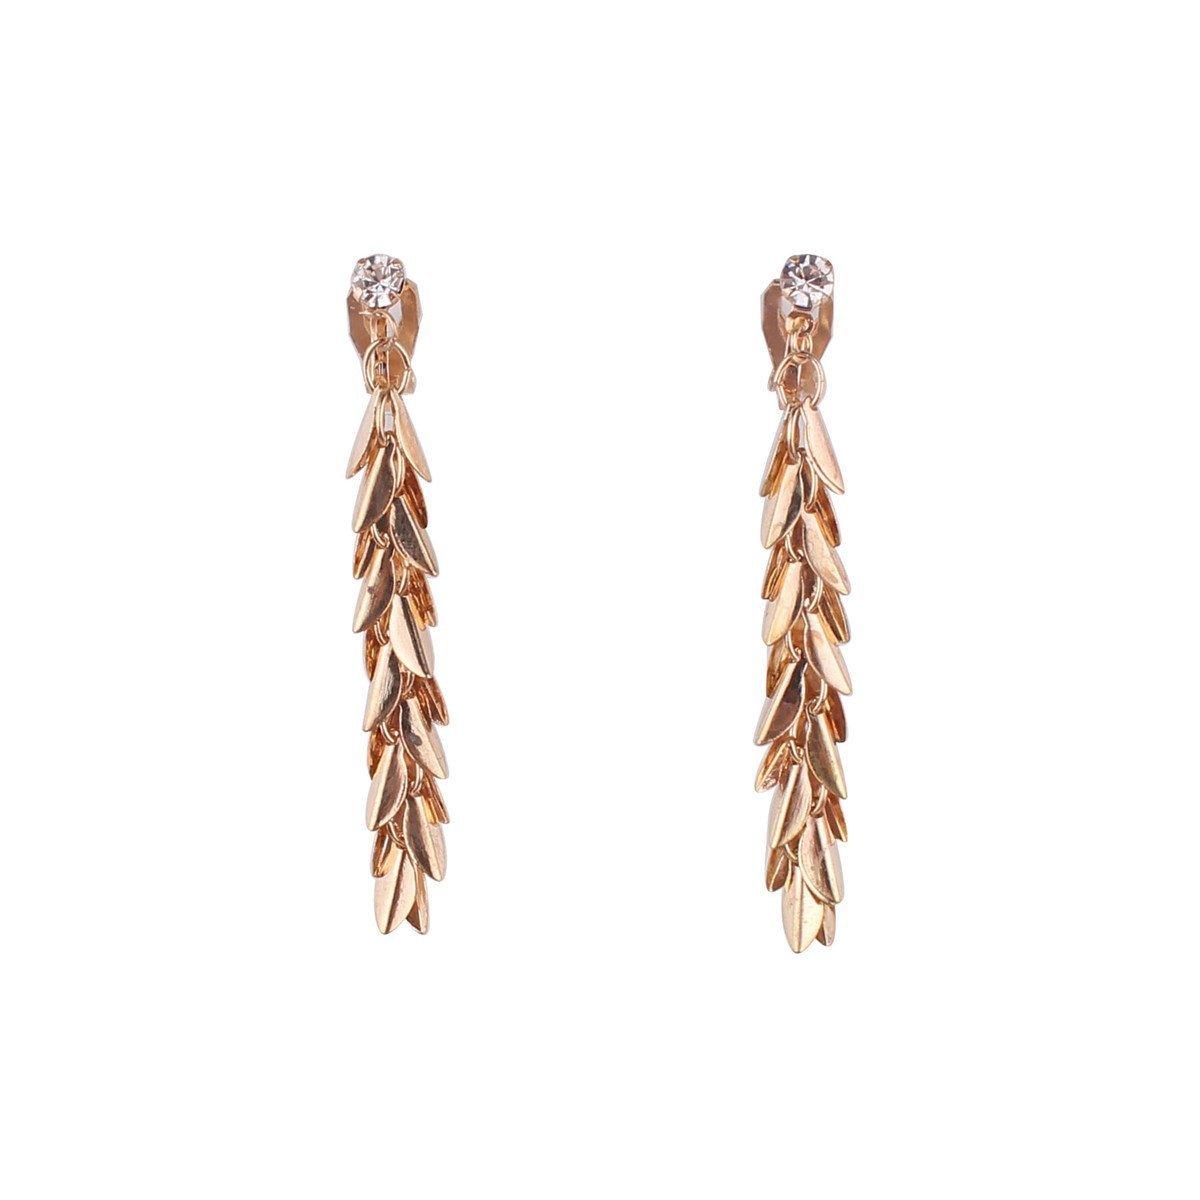 Grace Jun CZ Rhinestone Long Willow Drop Earrings and Clip on Earrings No Pierced for Women (486 gold clip on)